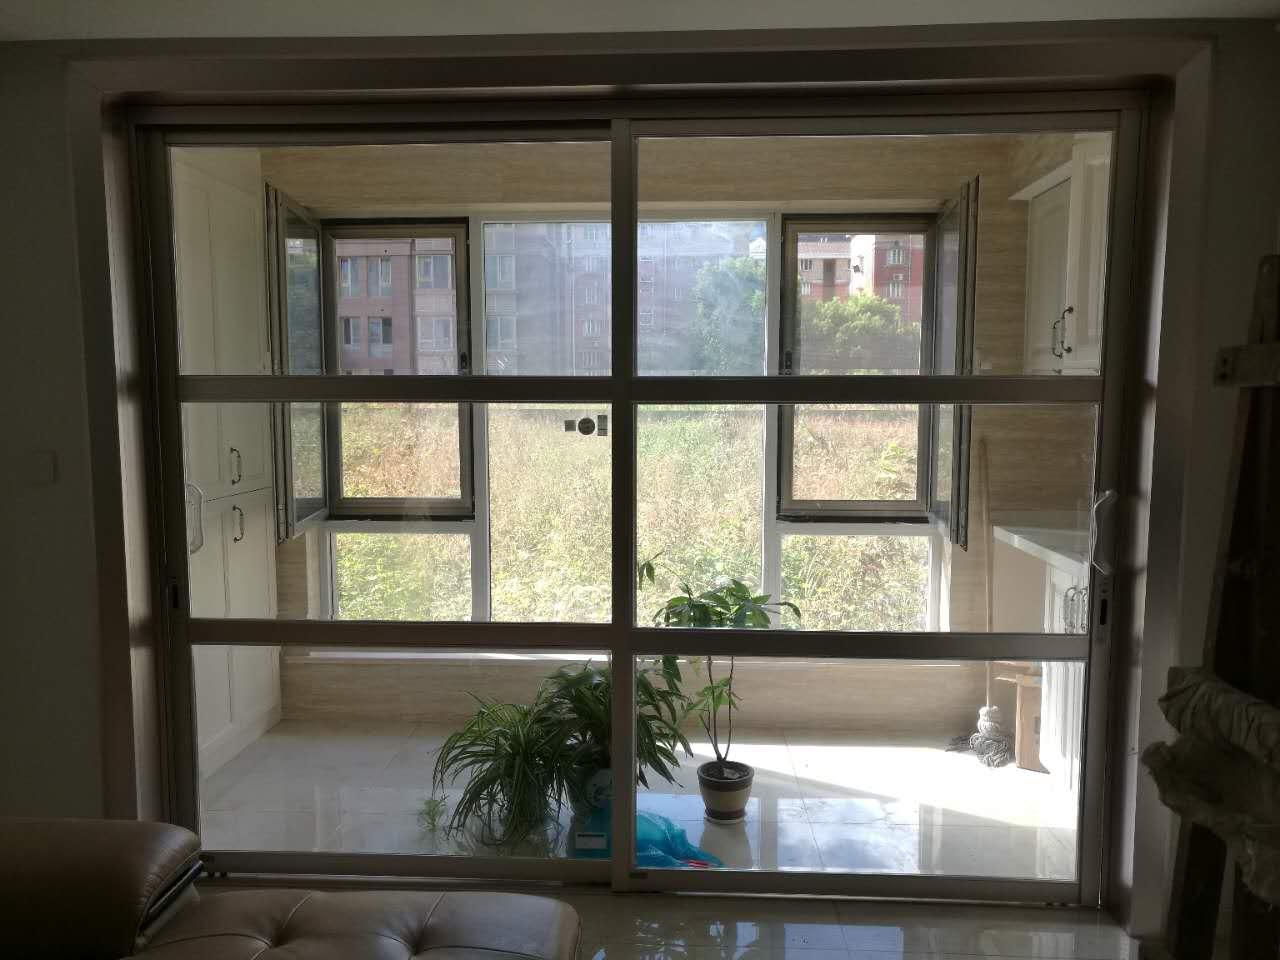 封闭阳台空间很大,为了充分利空空间在阳台左边打造了一面储物柜,右侧水盆和洗衣机,也好晾衣。